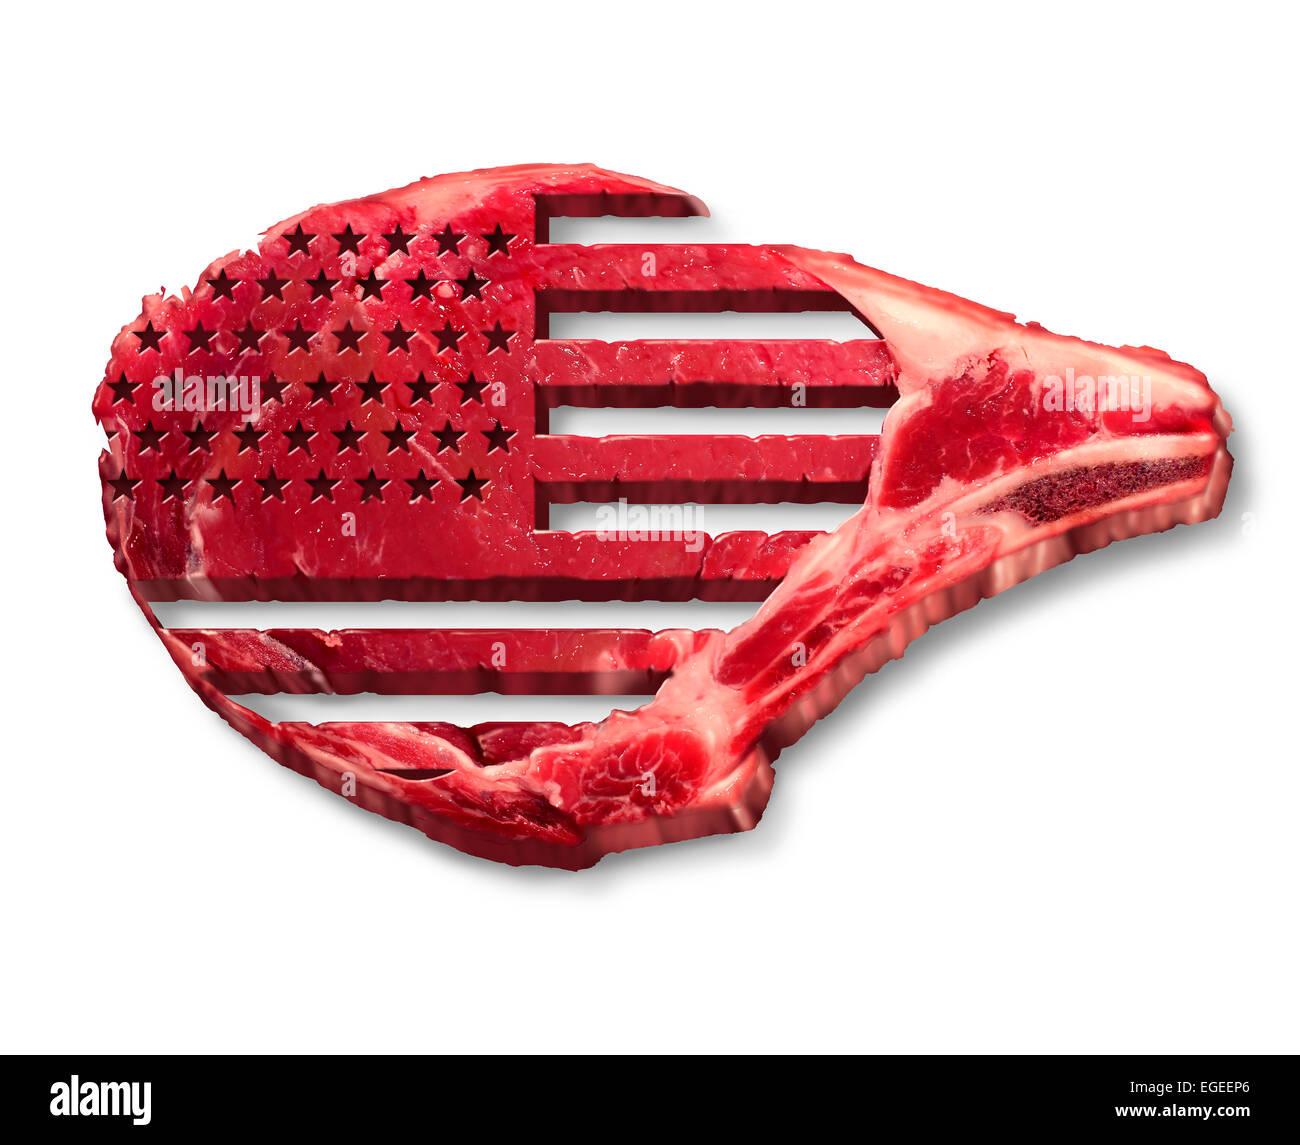 Amerikanisches Rindfleisch Industrie Konzept als rotes Fleisch Steak Symbols mit der Flagge der Vereinigten Staaten Stockbild